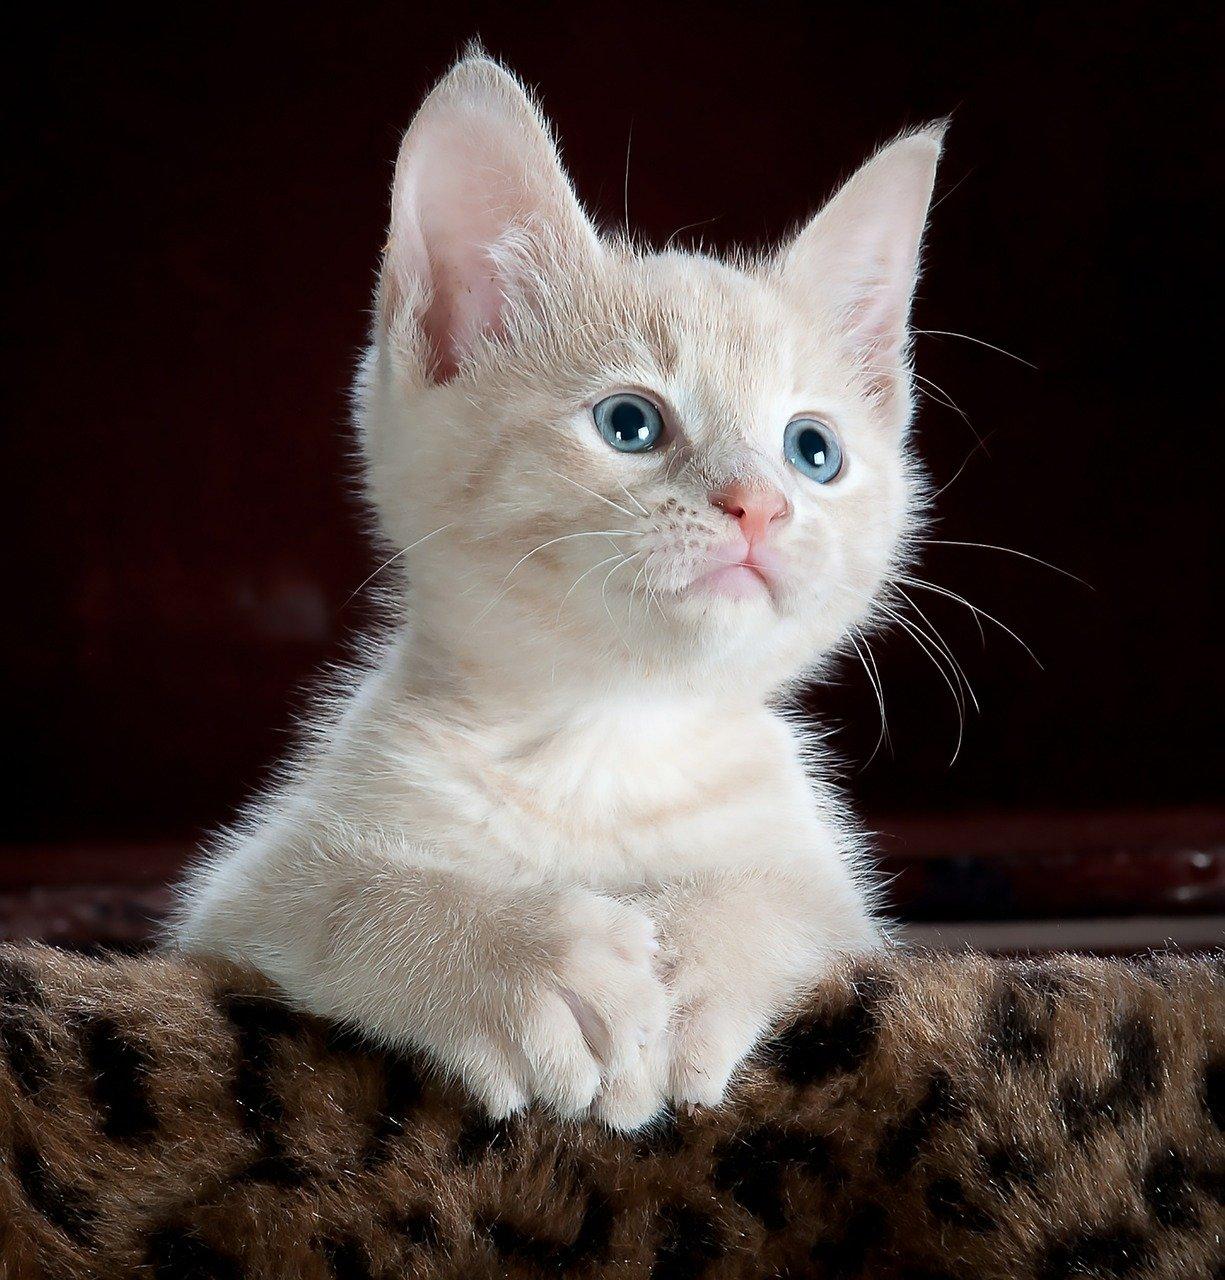 cat-551554_1280